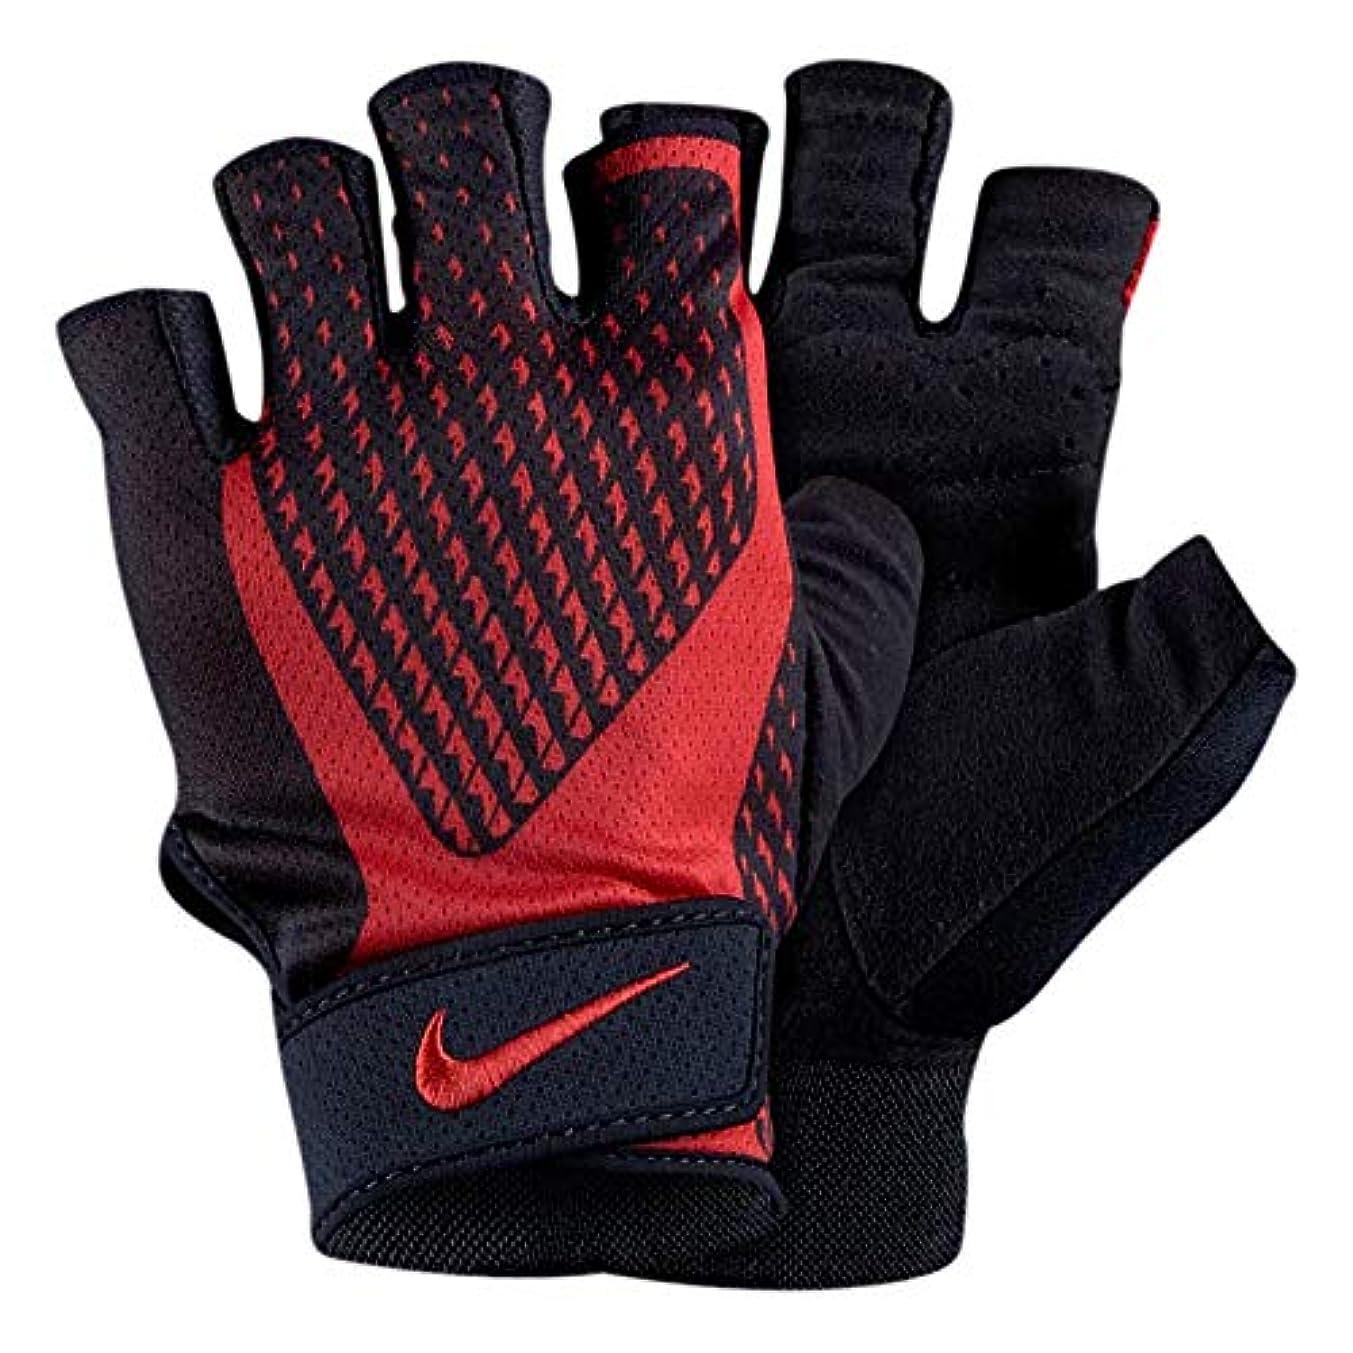 肯定的独立して後方NIKE(ナイキ) トレーニング グローブ 黒/赤 フィットネス ジム ワークアウト エクストリーム 指なし手袋 [並行輸入品]